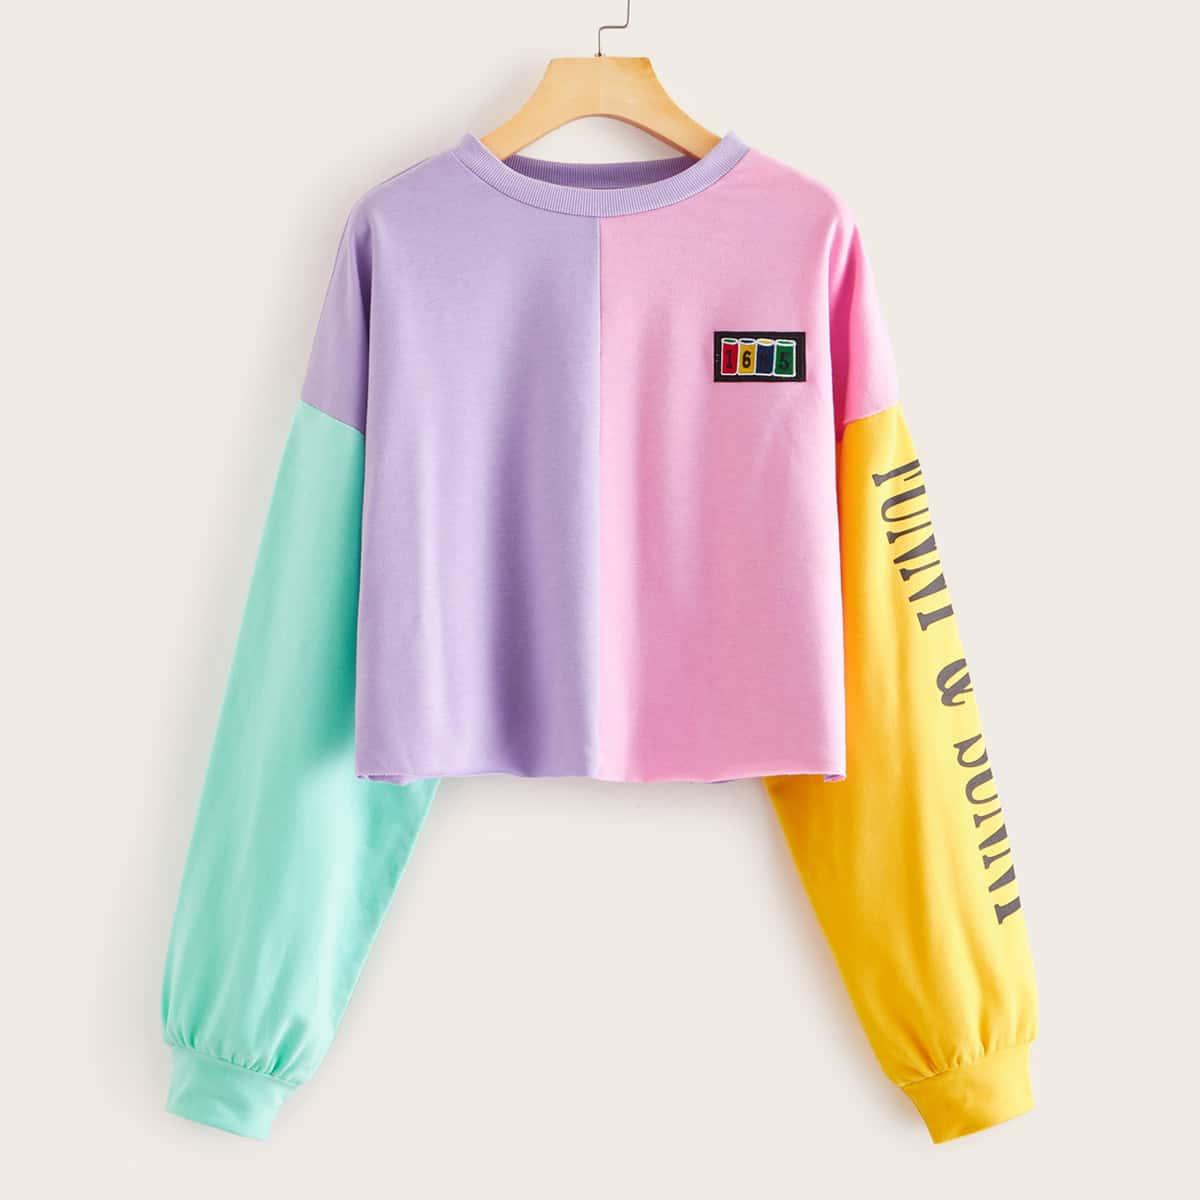 Контрастный пуловер с текстовым принтом